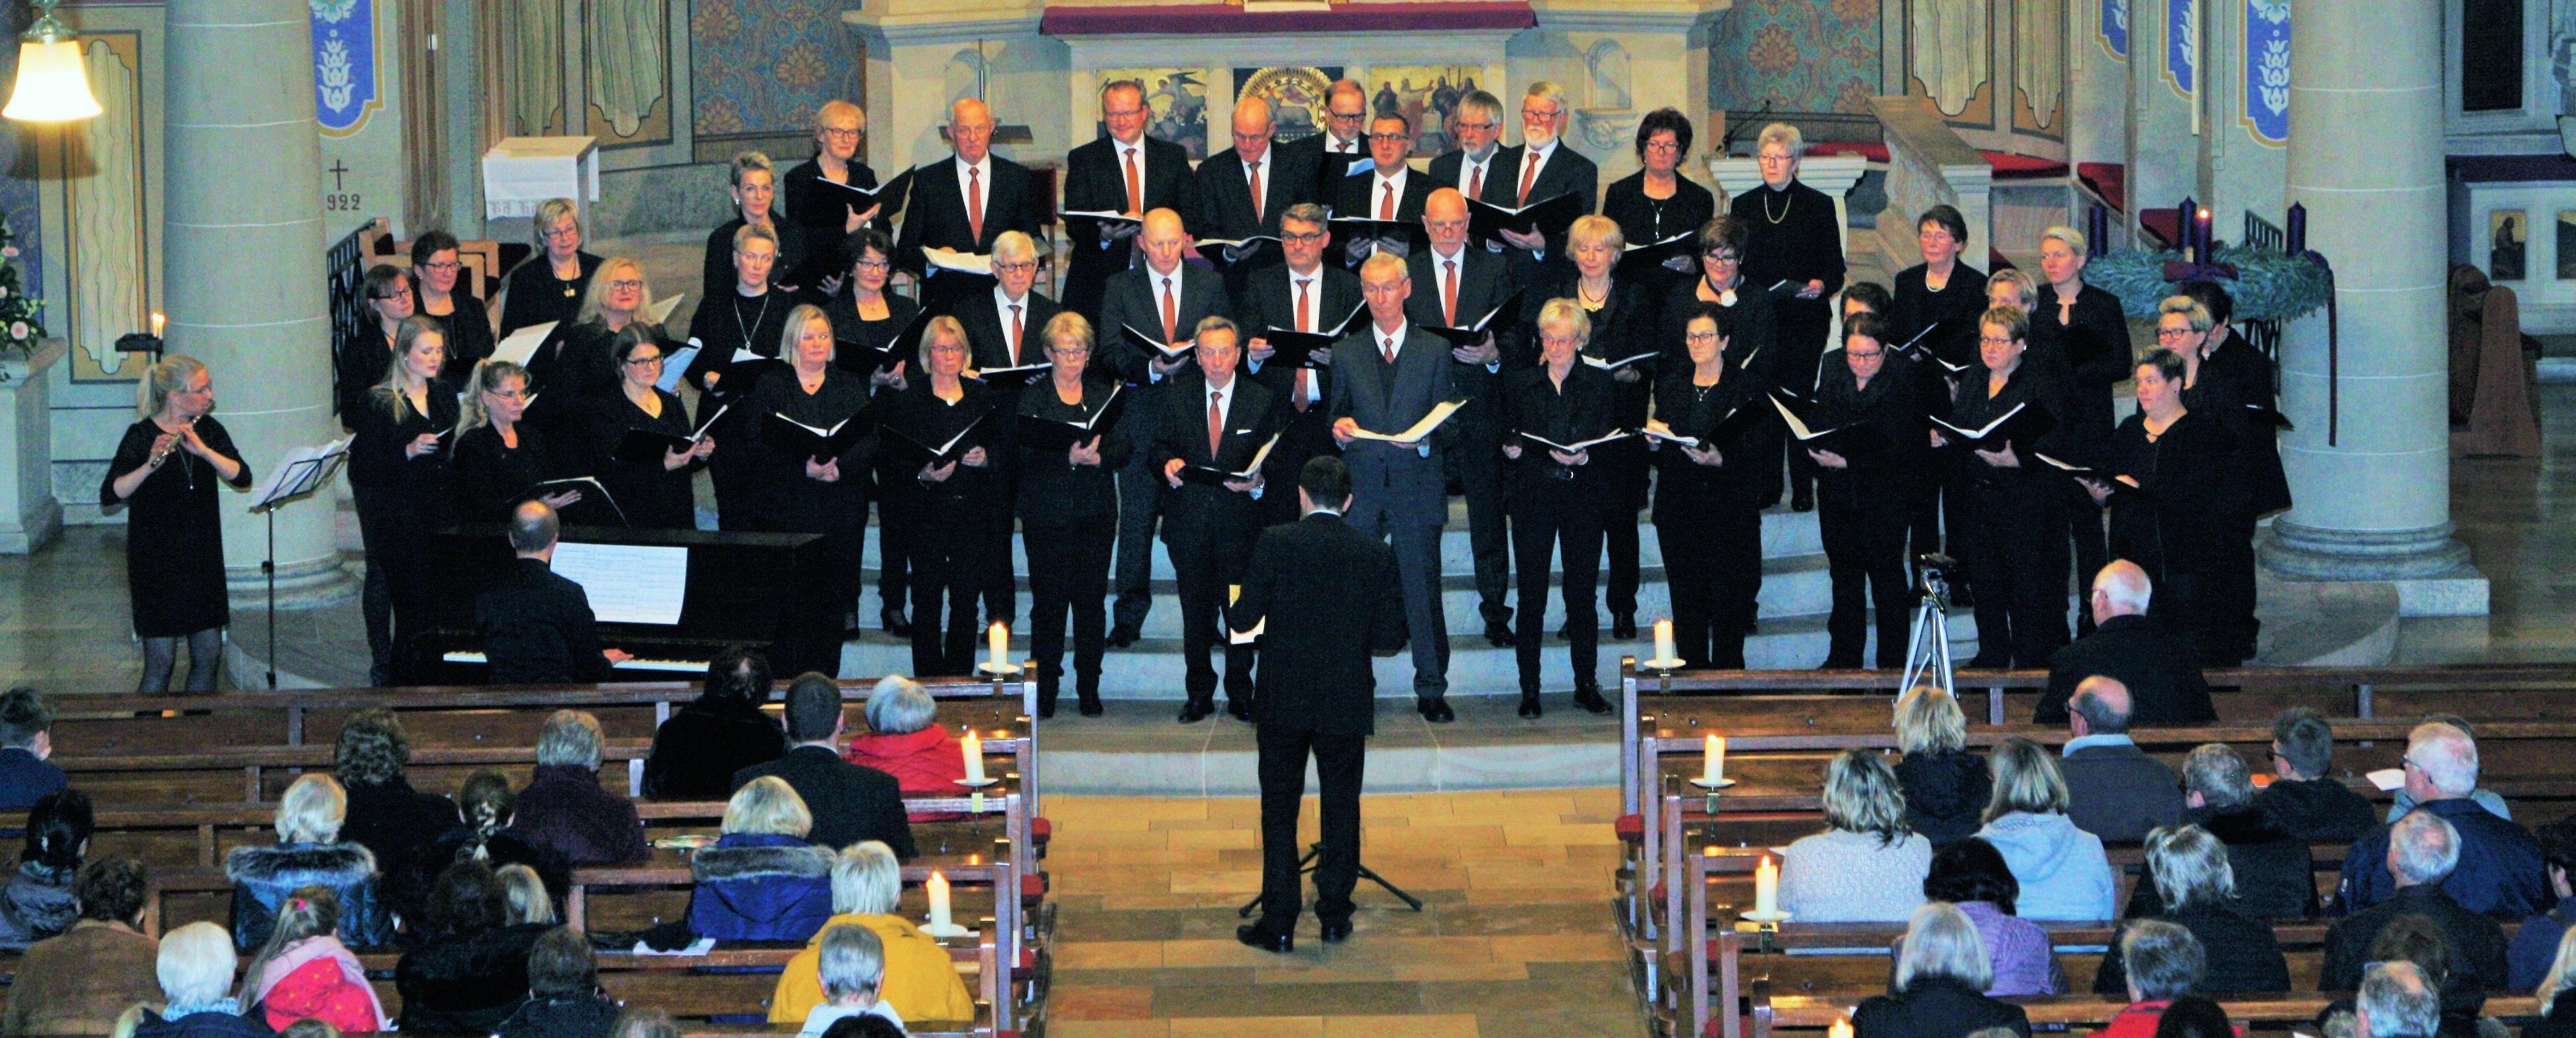 Momentan nicht machbar: Konzerte wie das Adventskonzert des Gemischten Chors Bösel im vergangenen Jahr sind auf absehbare Zeit eher unwahrscheinlich. Den Chören fehlt schlicht die Möglichkeit, angemessen zu proben. Foto: Archiv Pille